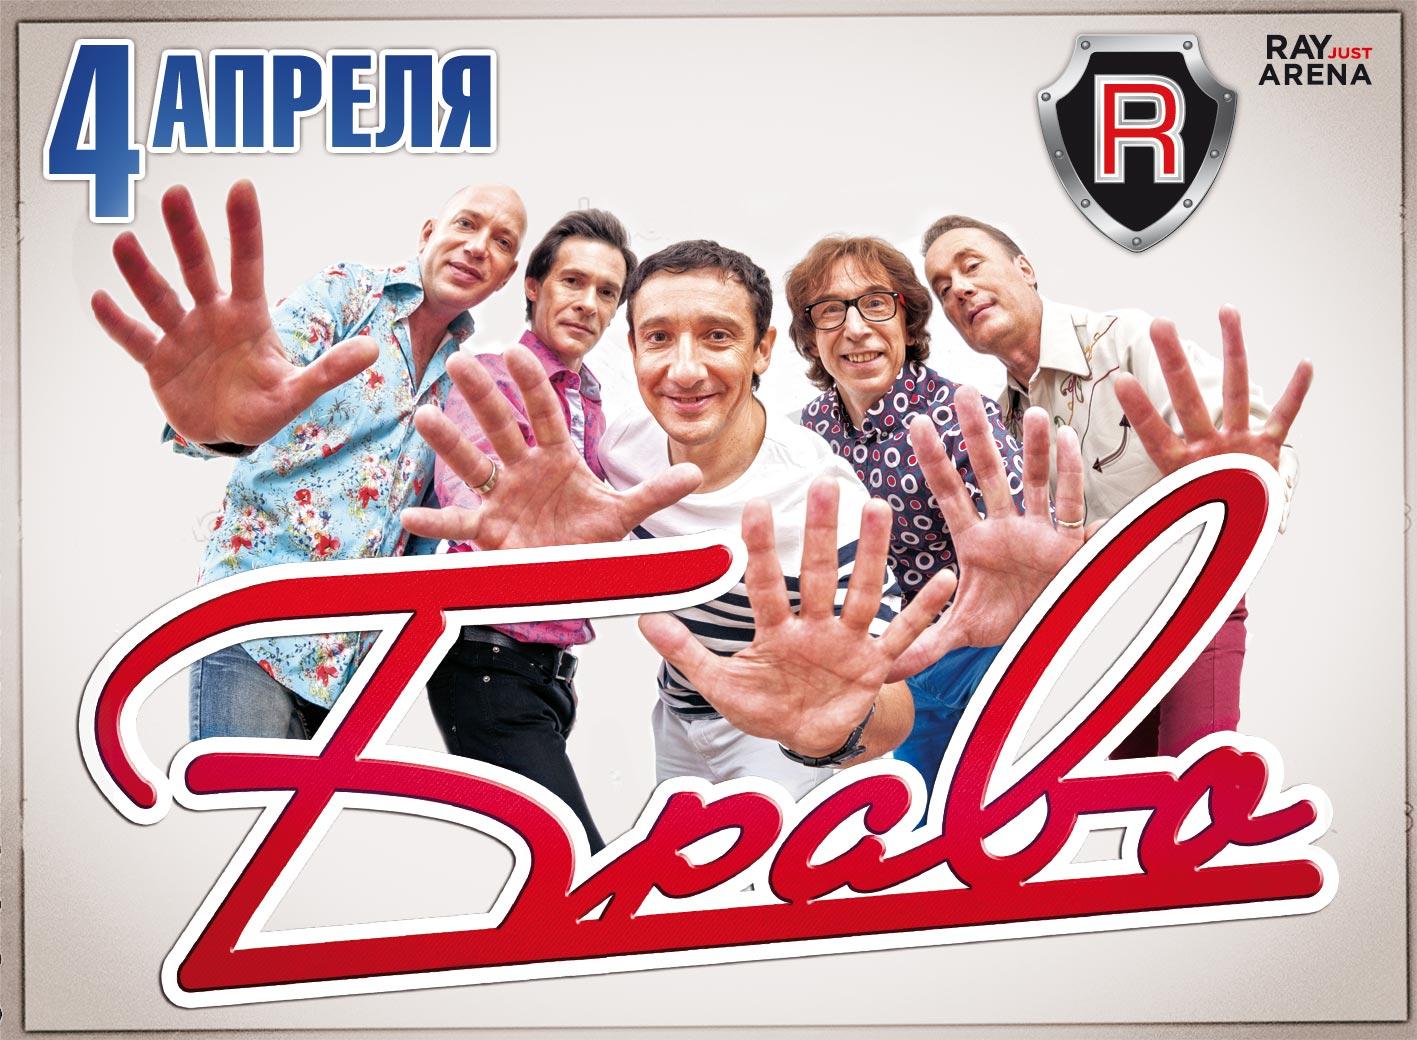 розыгрыш билетов на концерт браво 4 апреля в москве